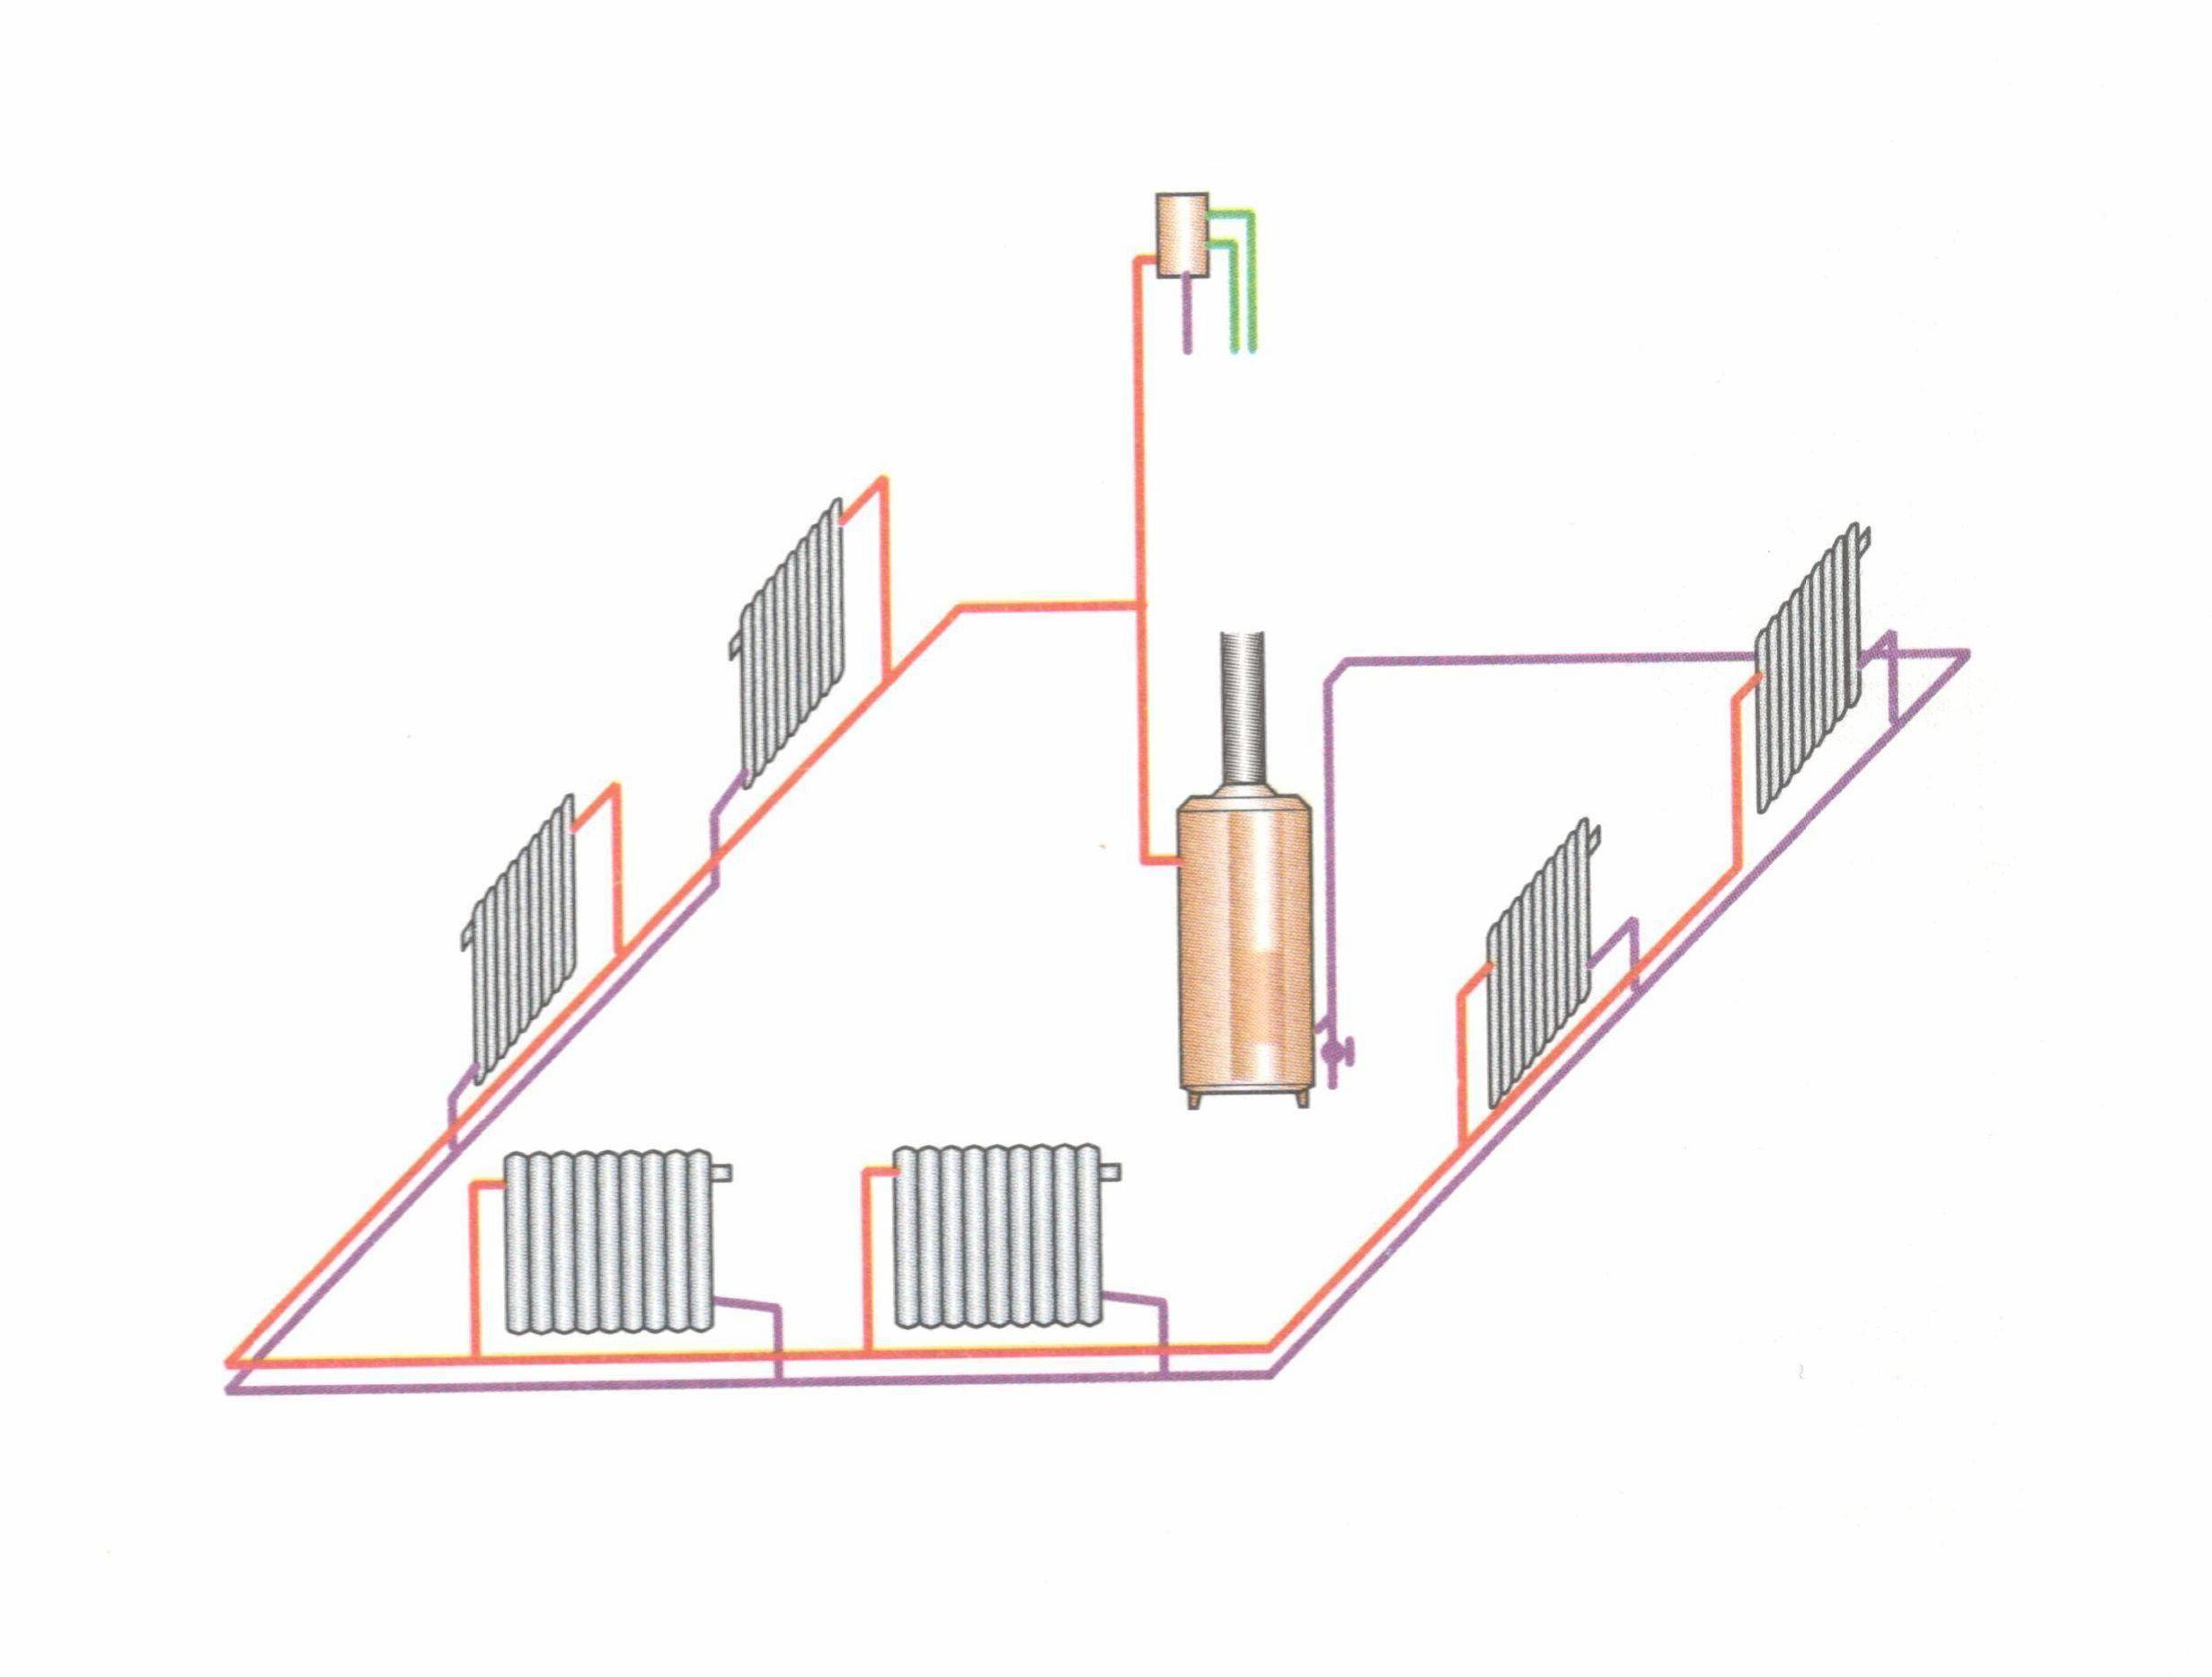 Схема отопления одноэтажного дома с естественной циркуляцией